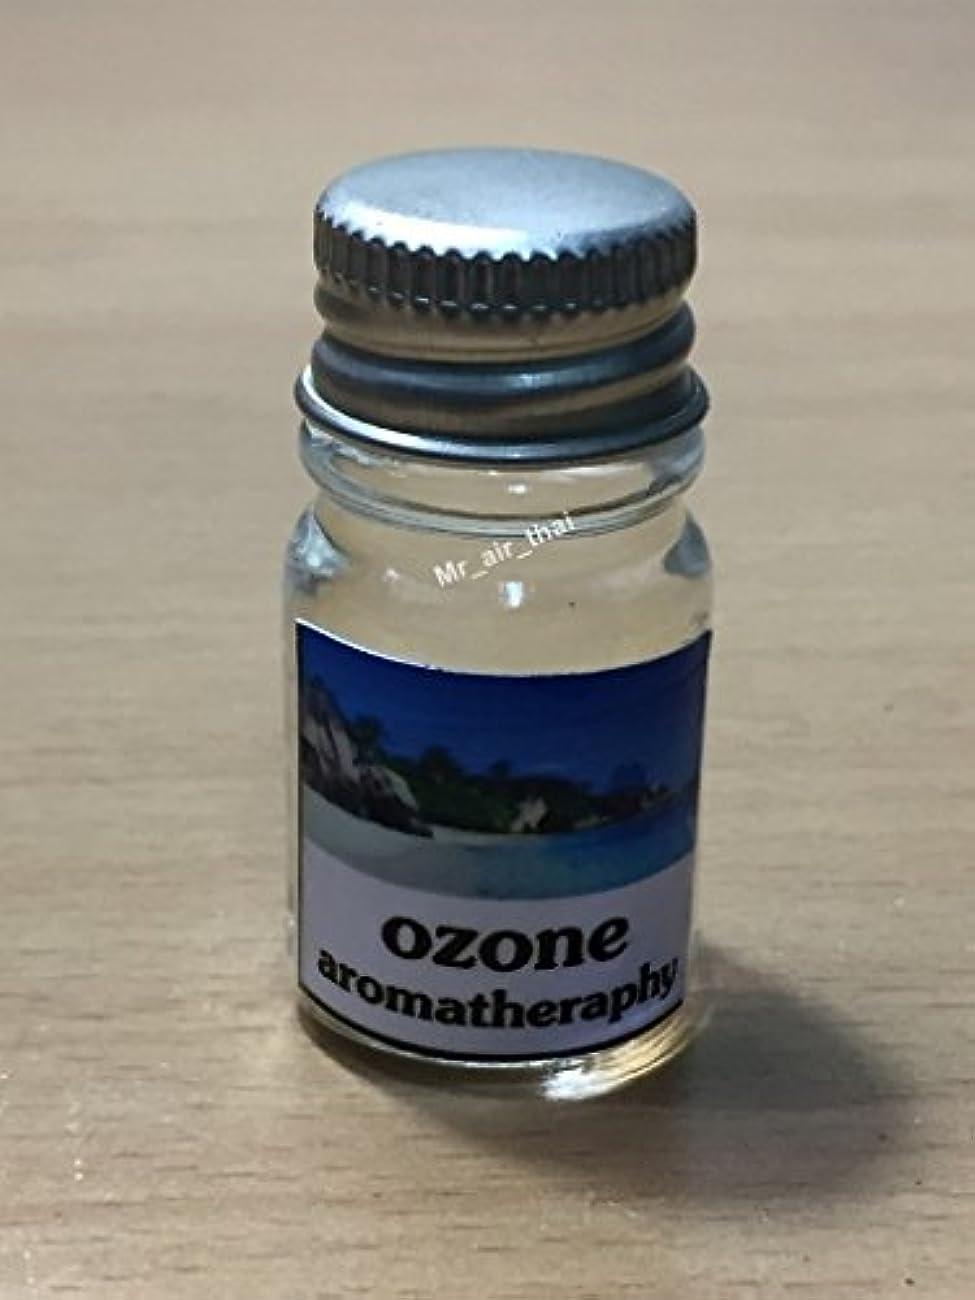 マニアックパパはっきりと5ミリリットルアロマオゾンフランクインセンスエッセンシャルオイルボトルアロマテラピーオイル自然自然5ml Aroma Ozone Frankincense Essential Oil Bottles Aromatherapy...